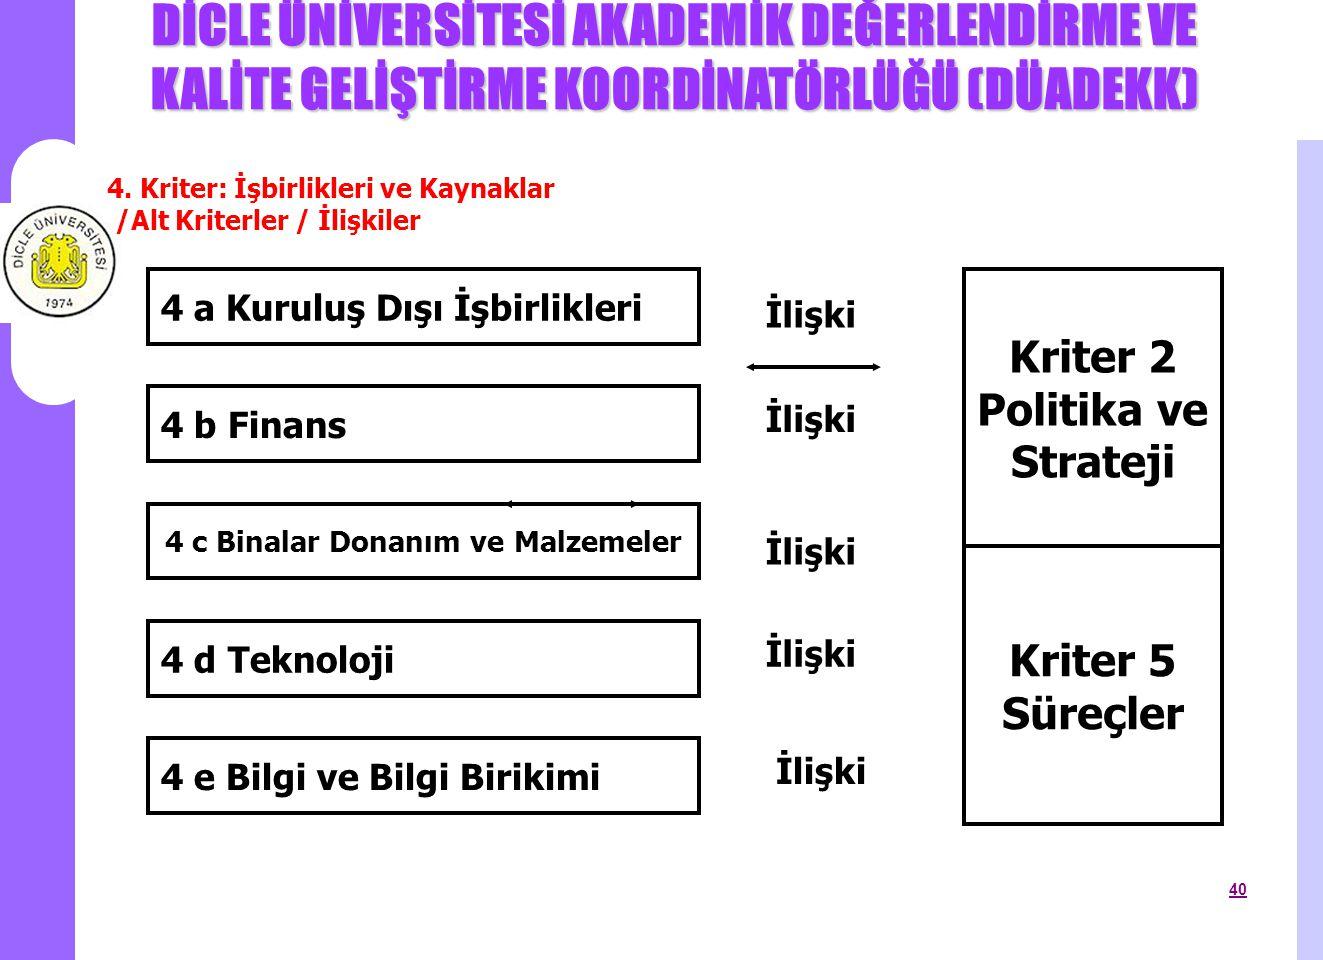 4. Kriter: İşbirlikleri ve Kaynaklar /Alt Kriterler / İlişkiler